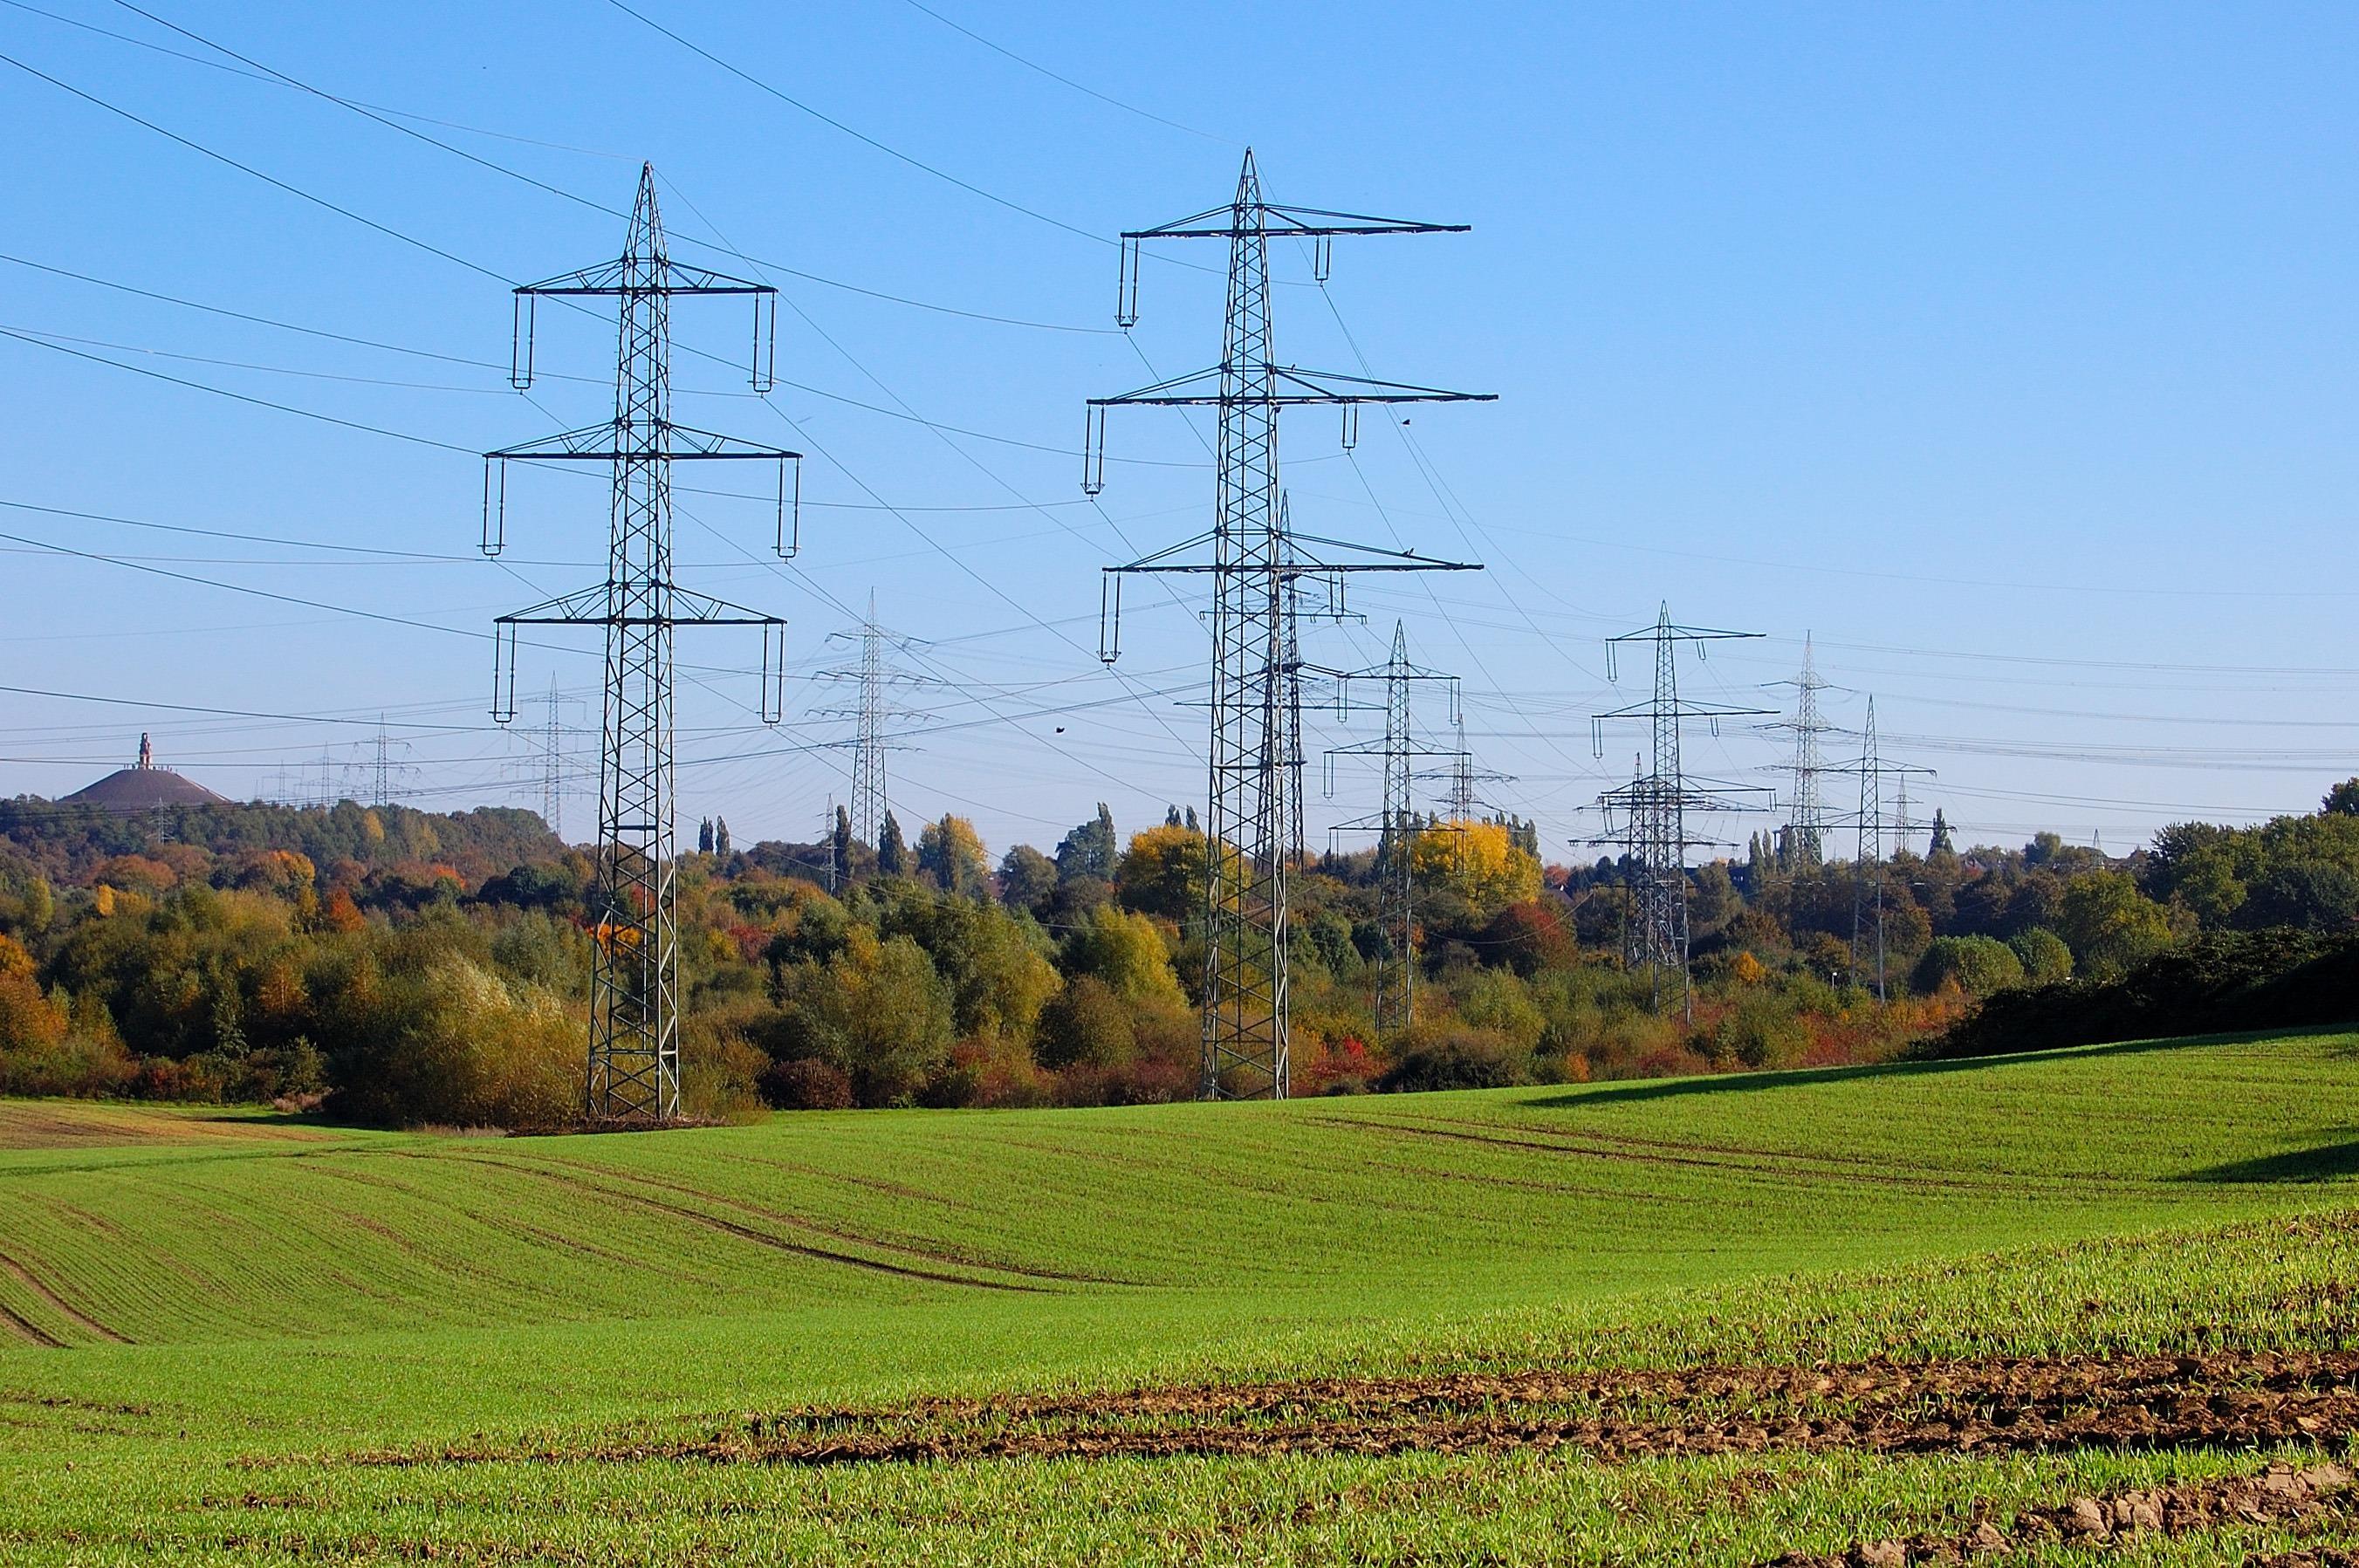 Fotos gratis : campo, pradera, viento, torre, llanura, energía ...